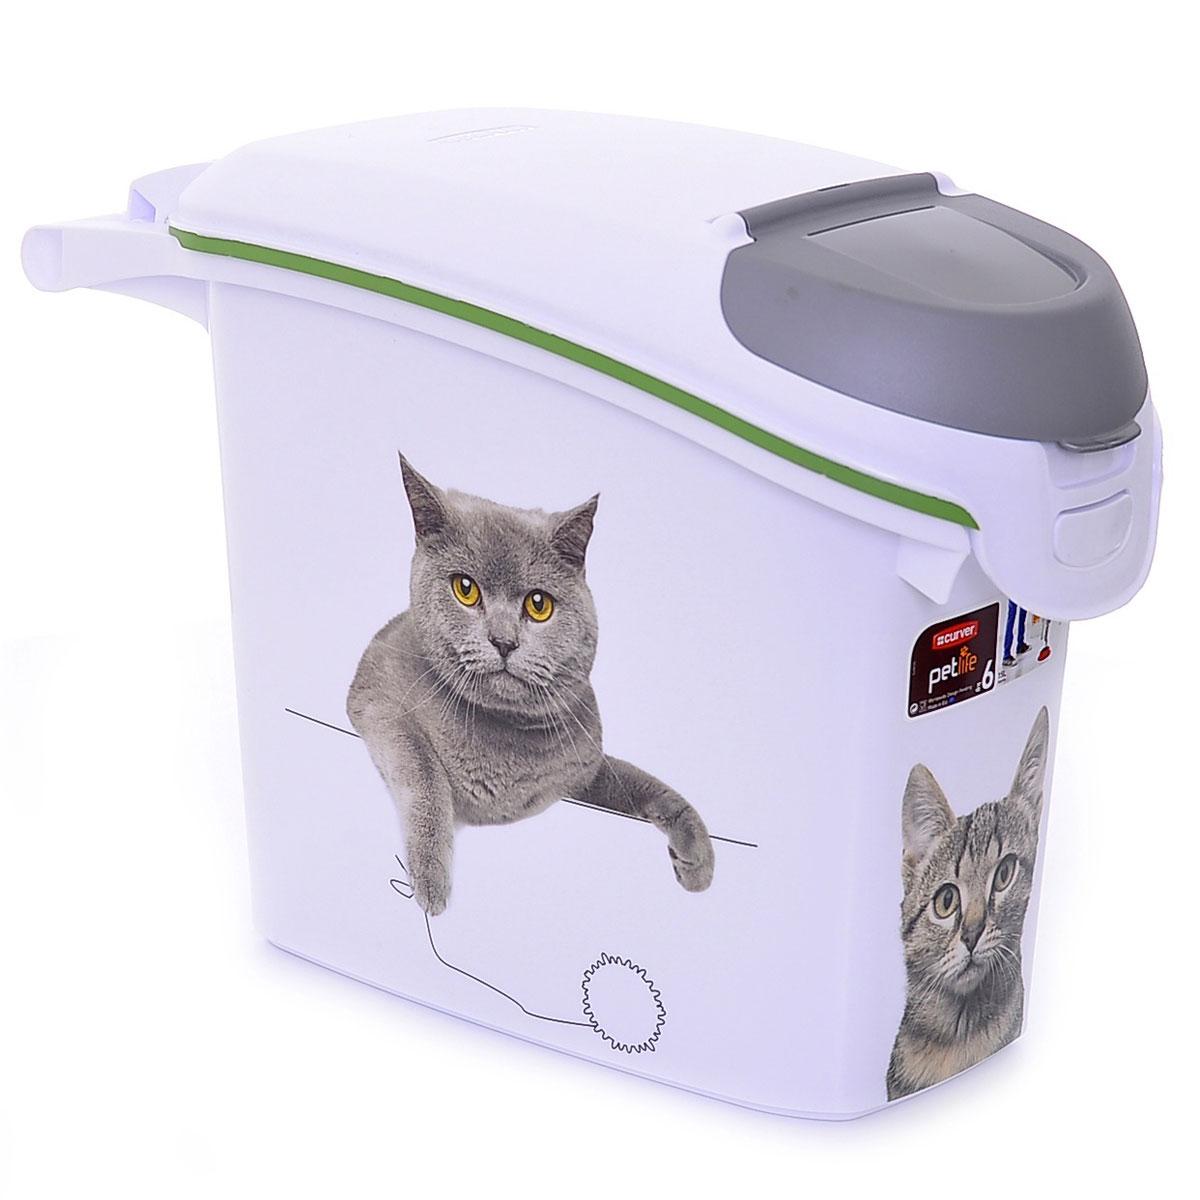 Контейнер Curver Pet Life. Сладкие котята для хранения сухого корма, 15 л20232_британец, серый, бежевыйКонтейнер Curver Pet Life. Сладкие котята, изготовленный из высококачественного пластика, оснащен плотно закрывающейся крышкой. Изделие декорировано ярким изображением и предназначено для хранения корма для кошек. В таком контейнере корм останется всегда свежим.Объем: 15 л. Вес корма: 6 кг.Размер контейнера: 23 х 50 х 36 см.